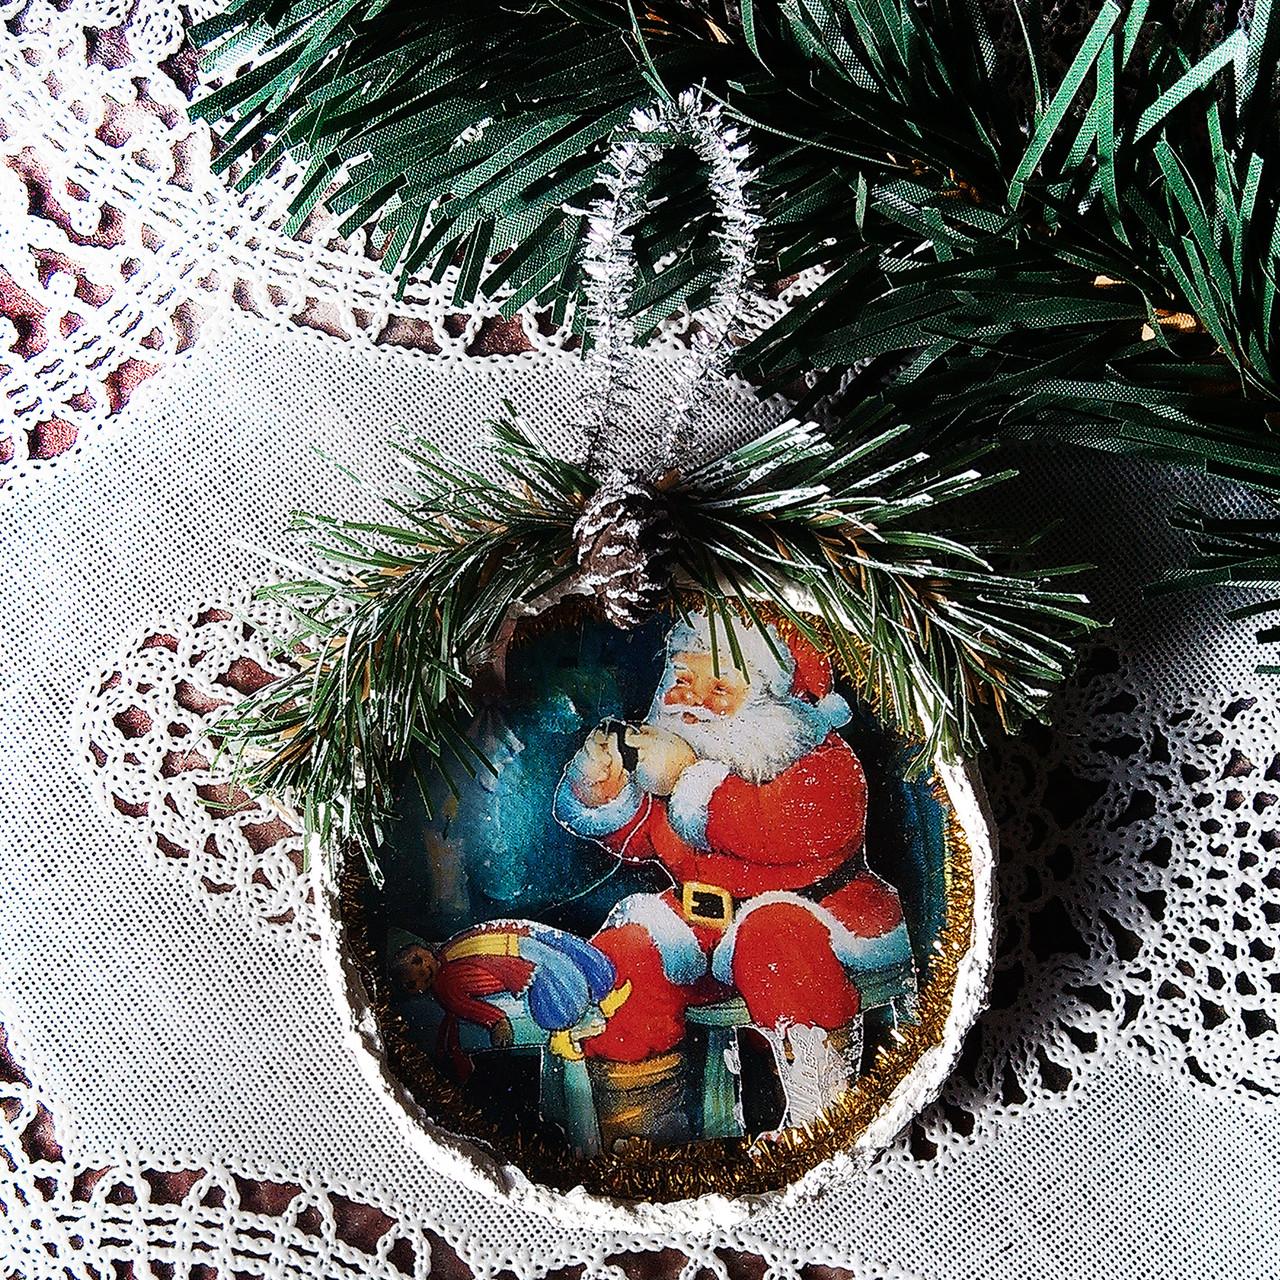 c9a5233fcb0a Подвеска медальон на елку Елочные украшения Подарки ручной работы на новый  год 2019